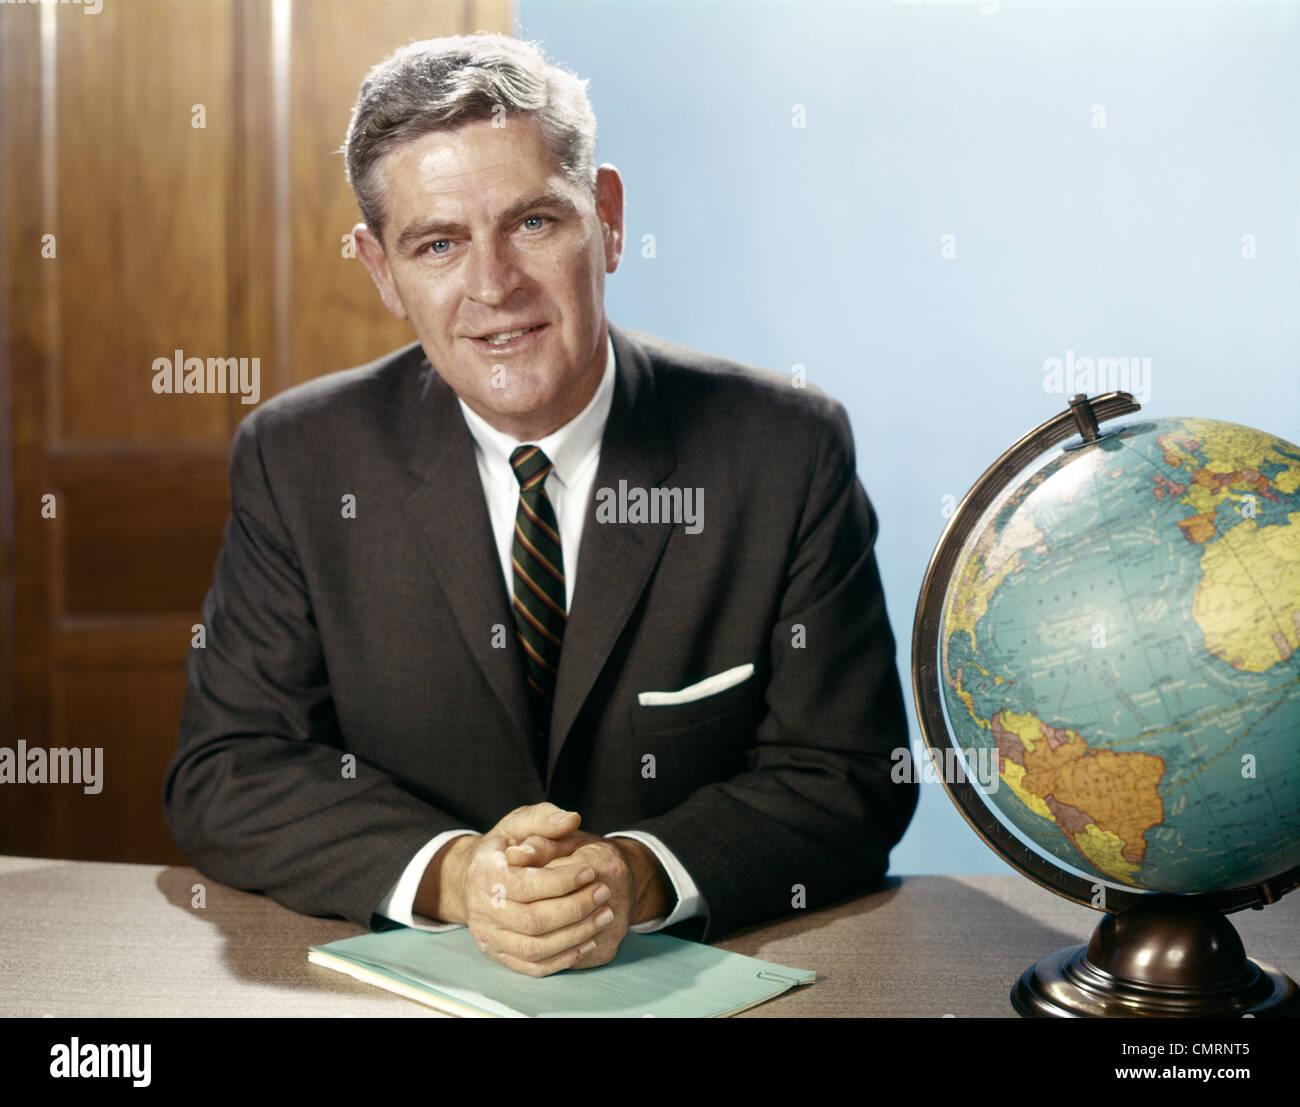 Retrato Hombre empresario sentados frente al escritorio junto al globo de la tierra cubierta de oficina Imagen De Stock